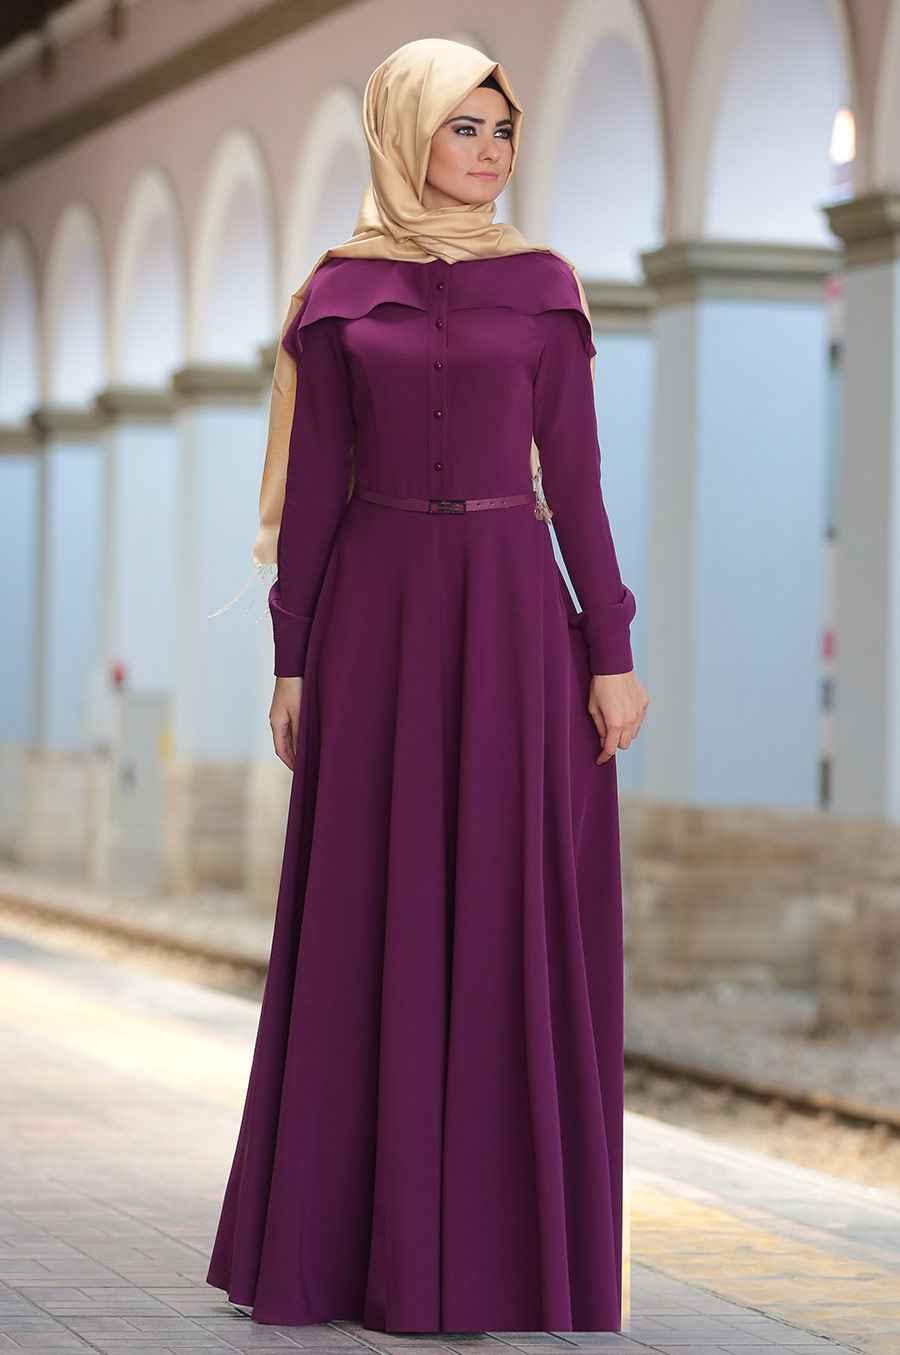 c4aeabcf20bac Modern Tesettür Elbiseler | Moda Tesettür Giyim